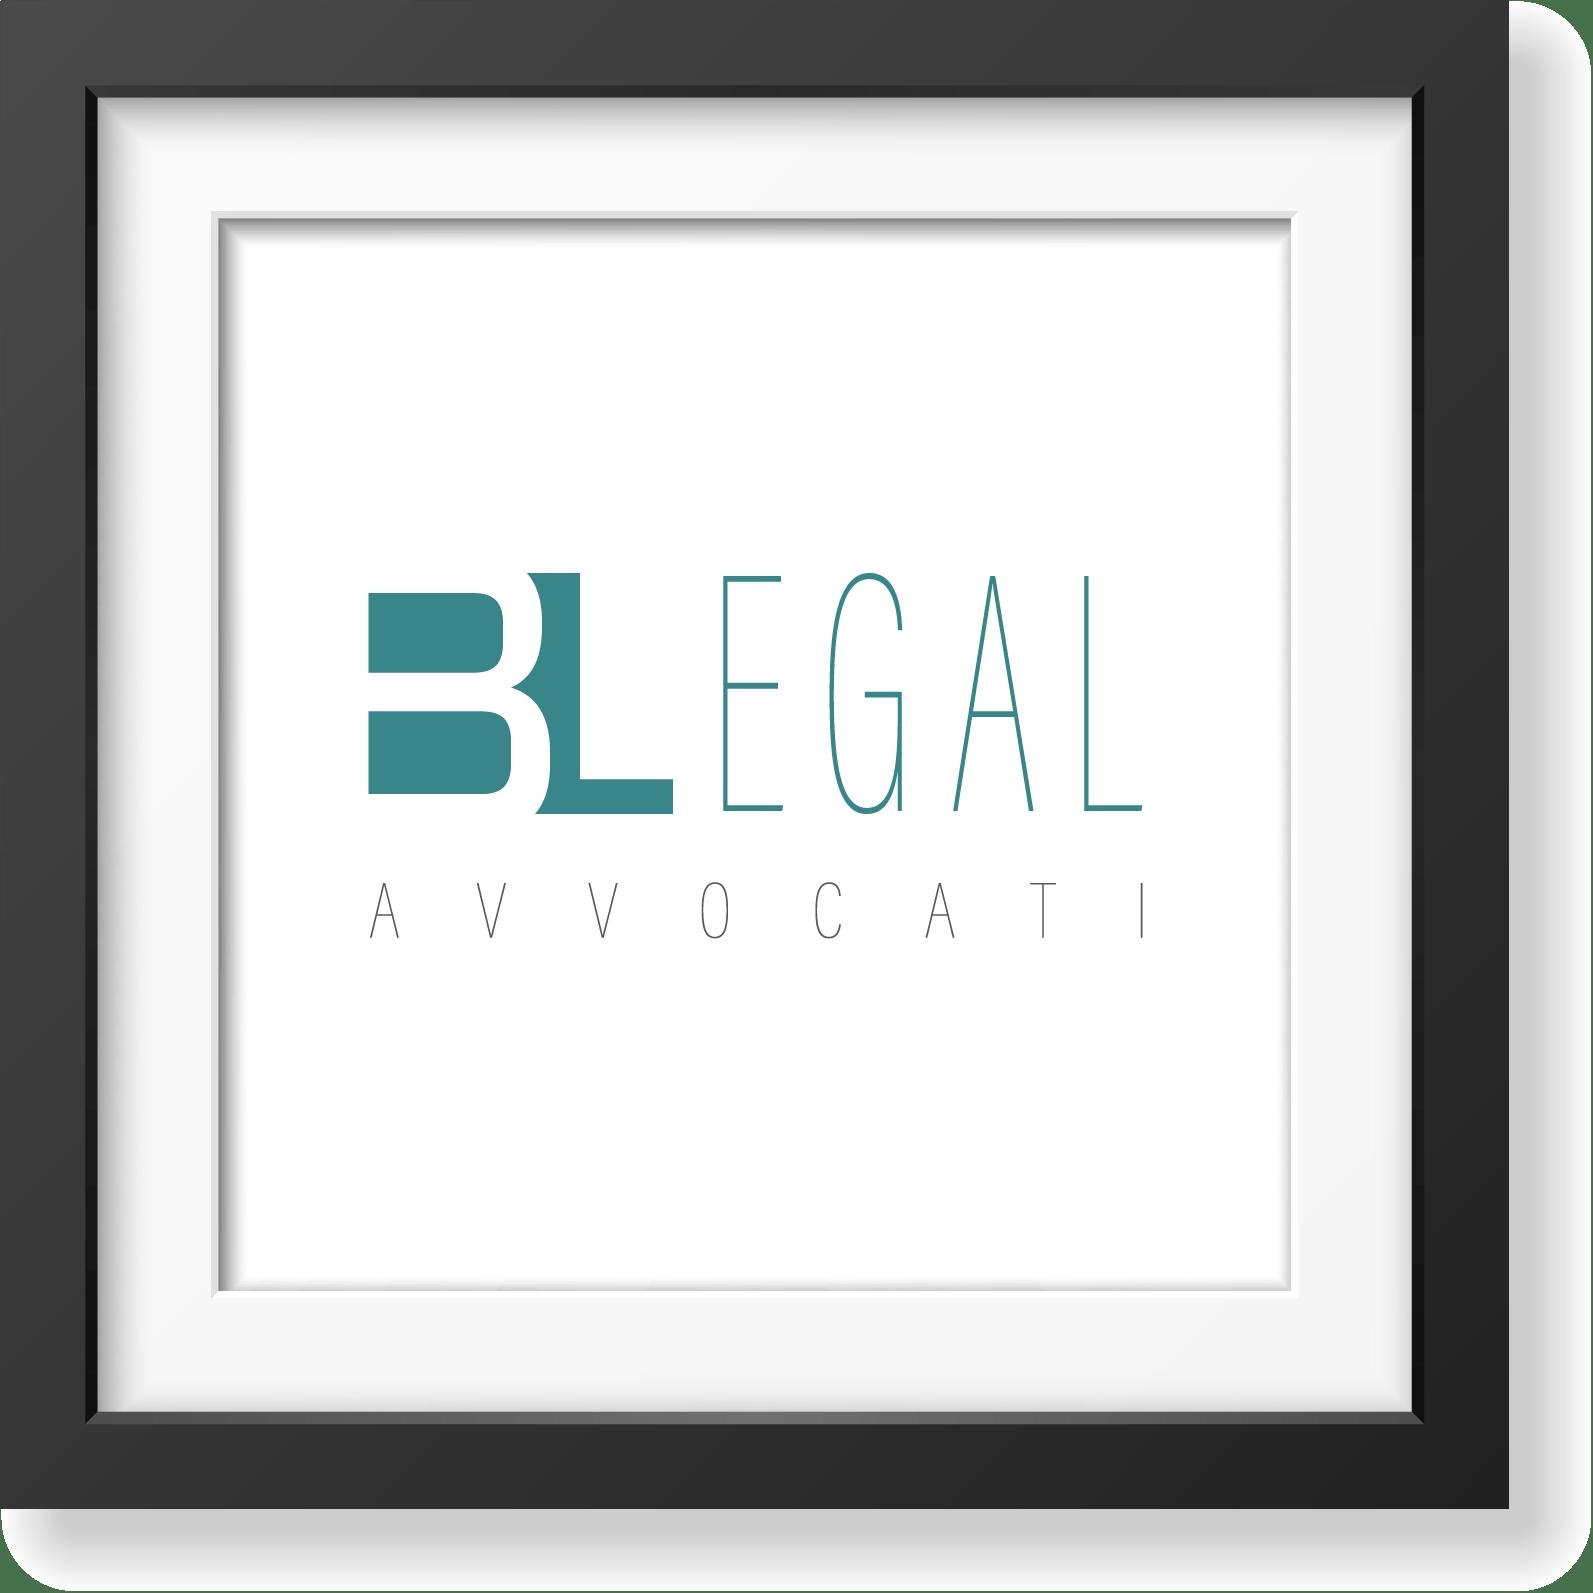 Studio Legale BLegal - studio e realizzazione logo e immagine coordinata